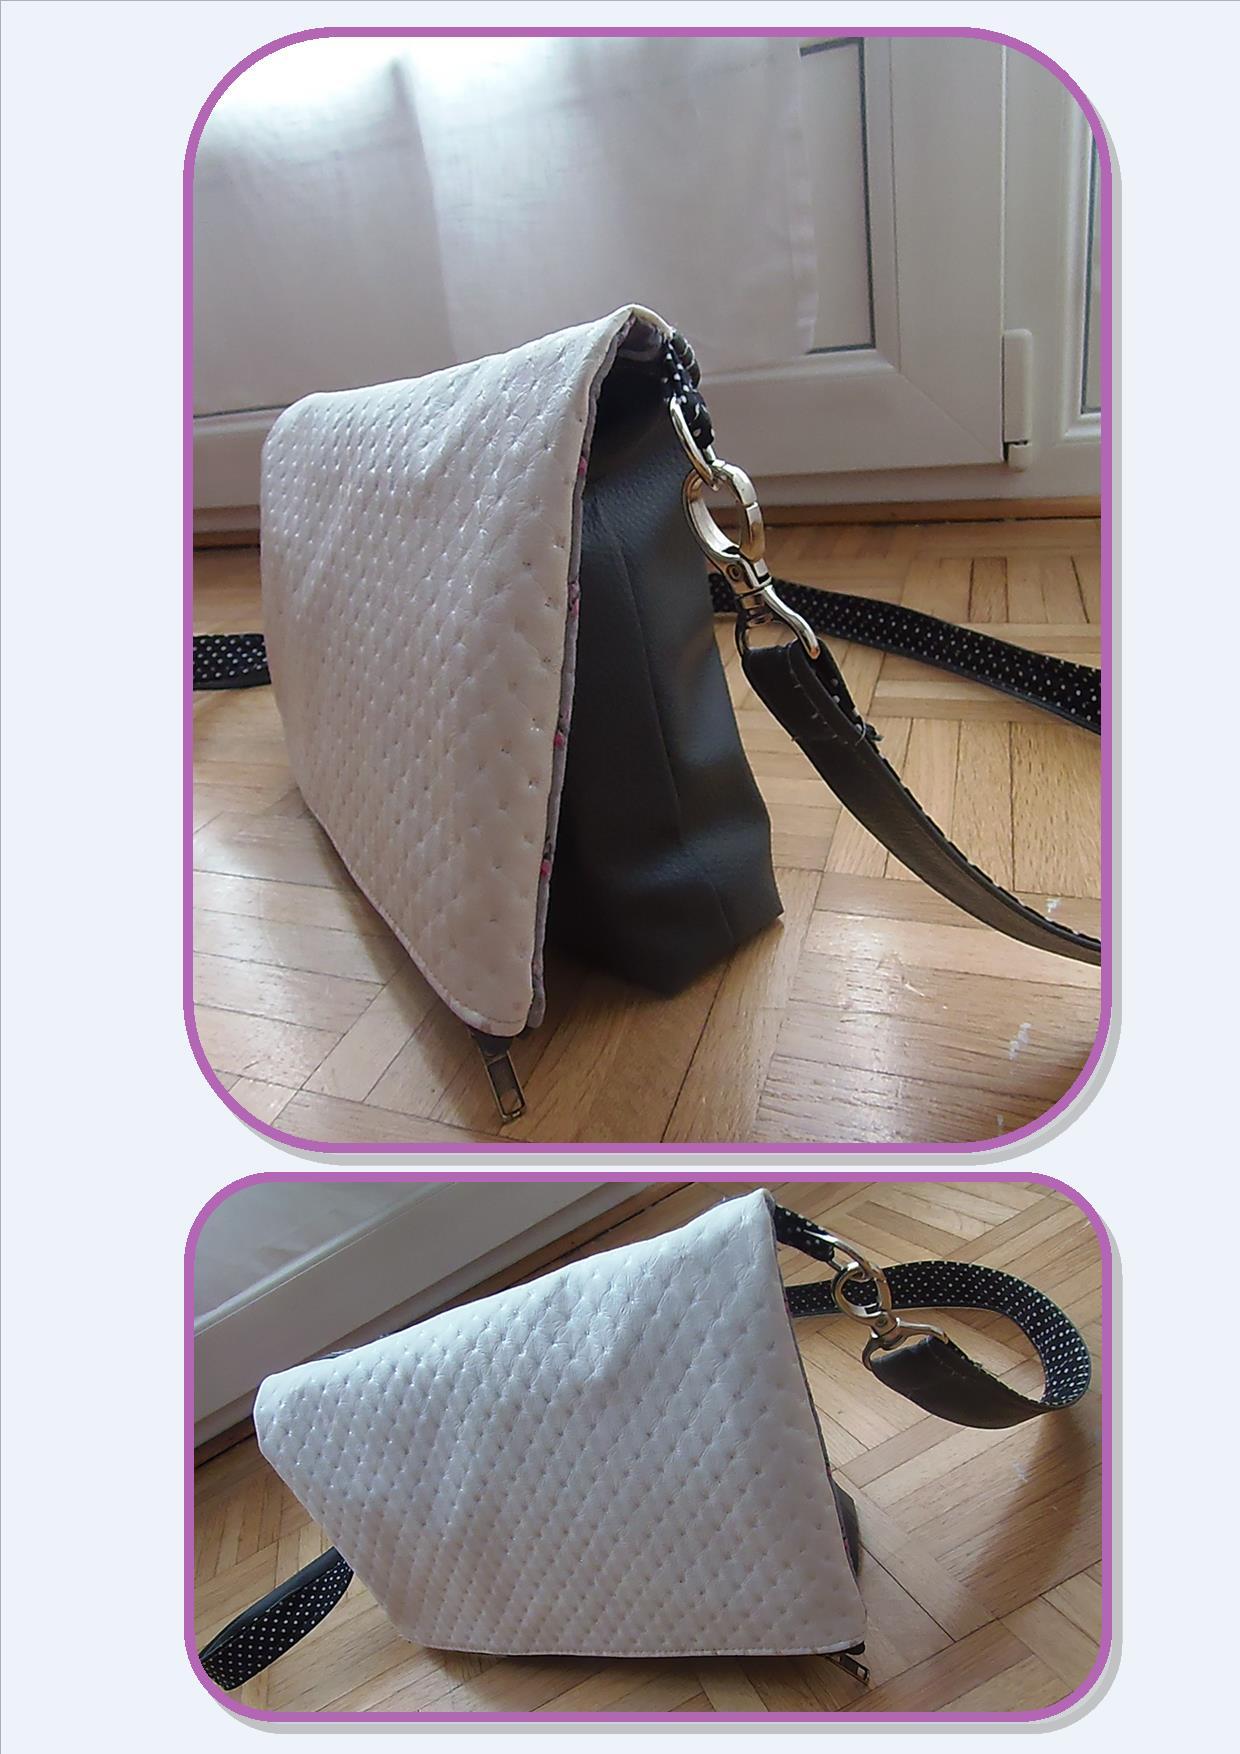 Coudre des sacs dimanches en hiver - Tuto sac a main ...